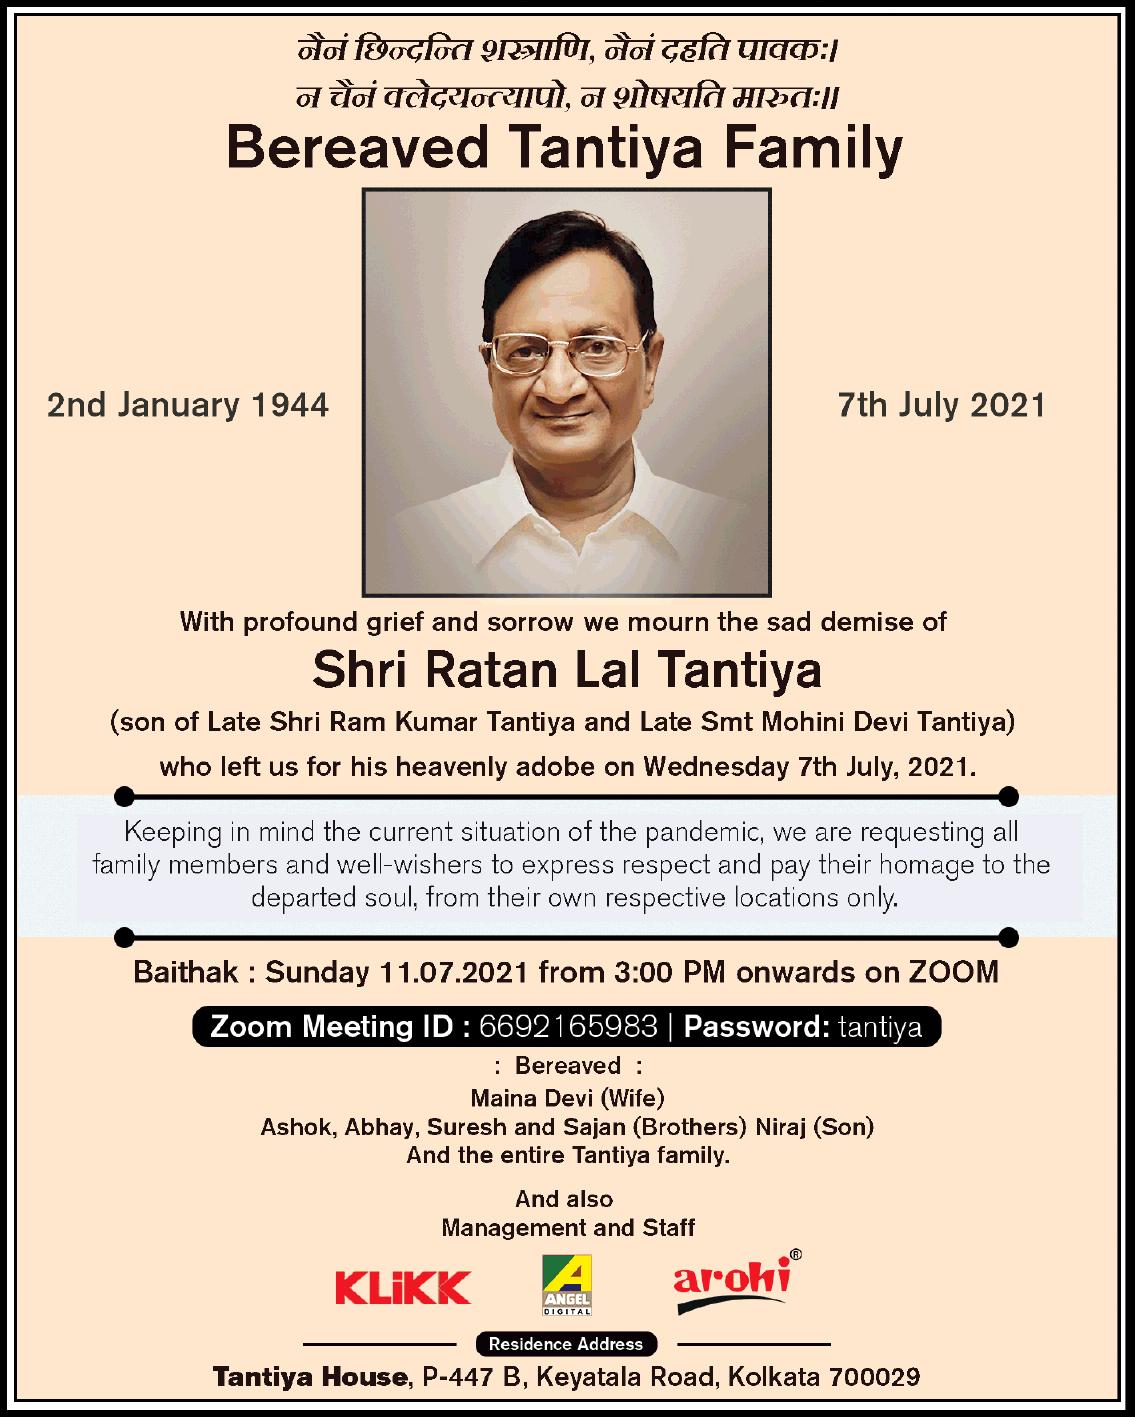 shri-ratan-lal-tantiya-obituary-ad-toi-kolkata-11-7-2021